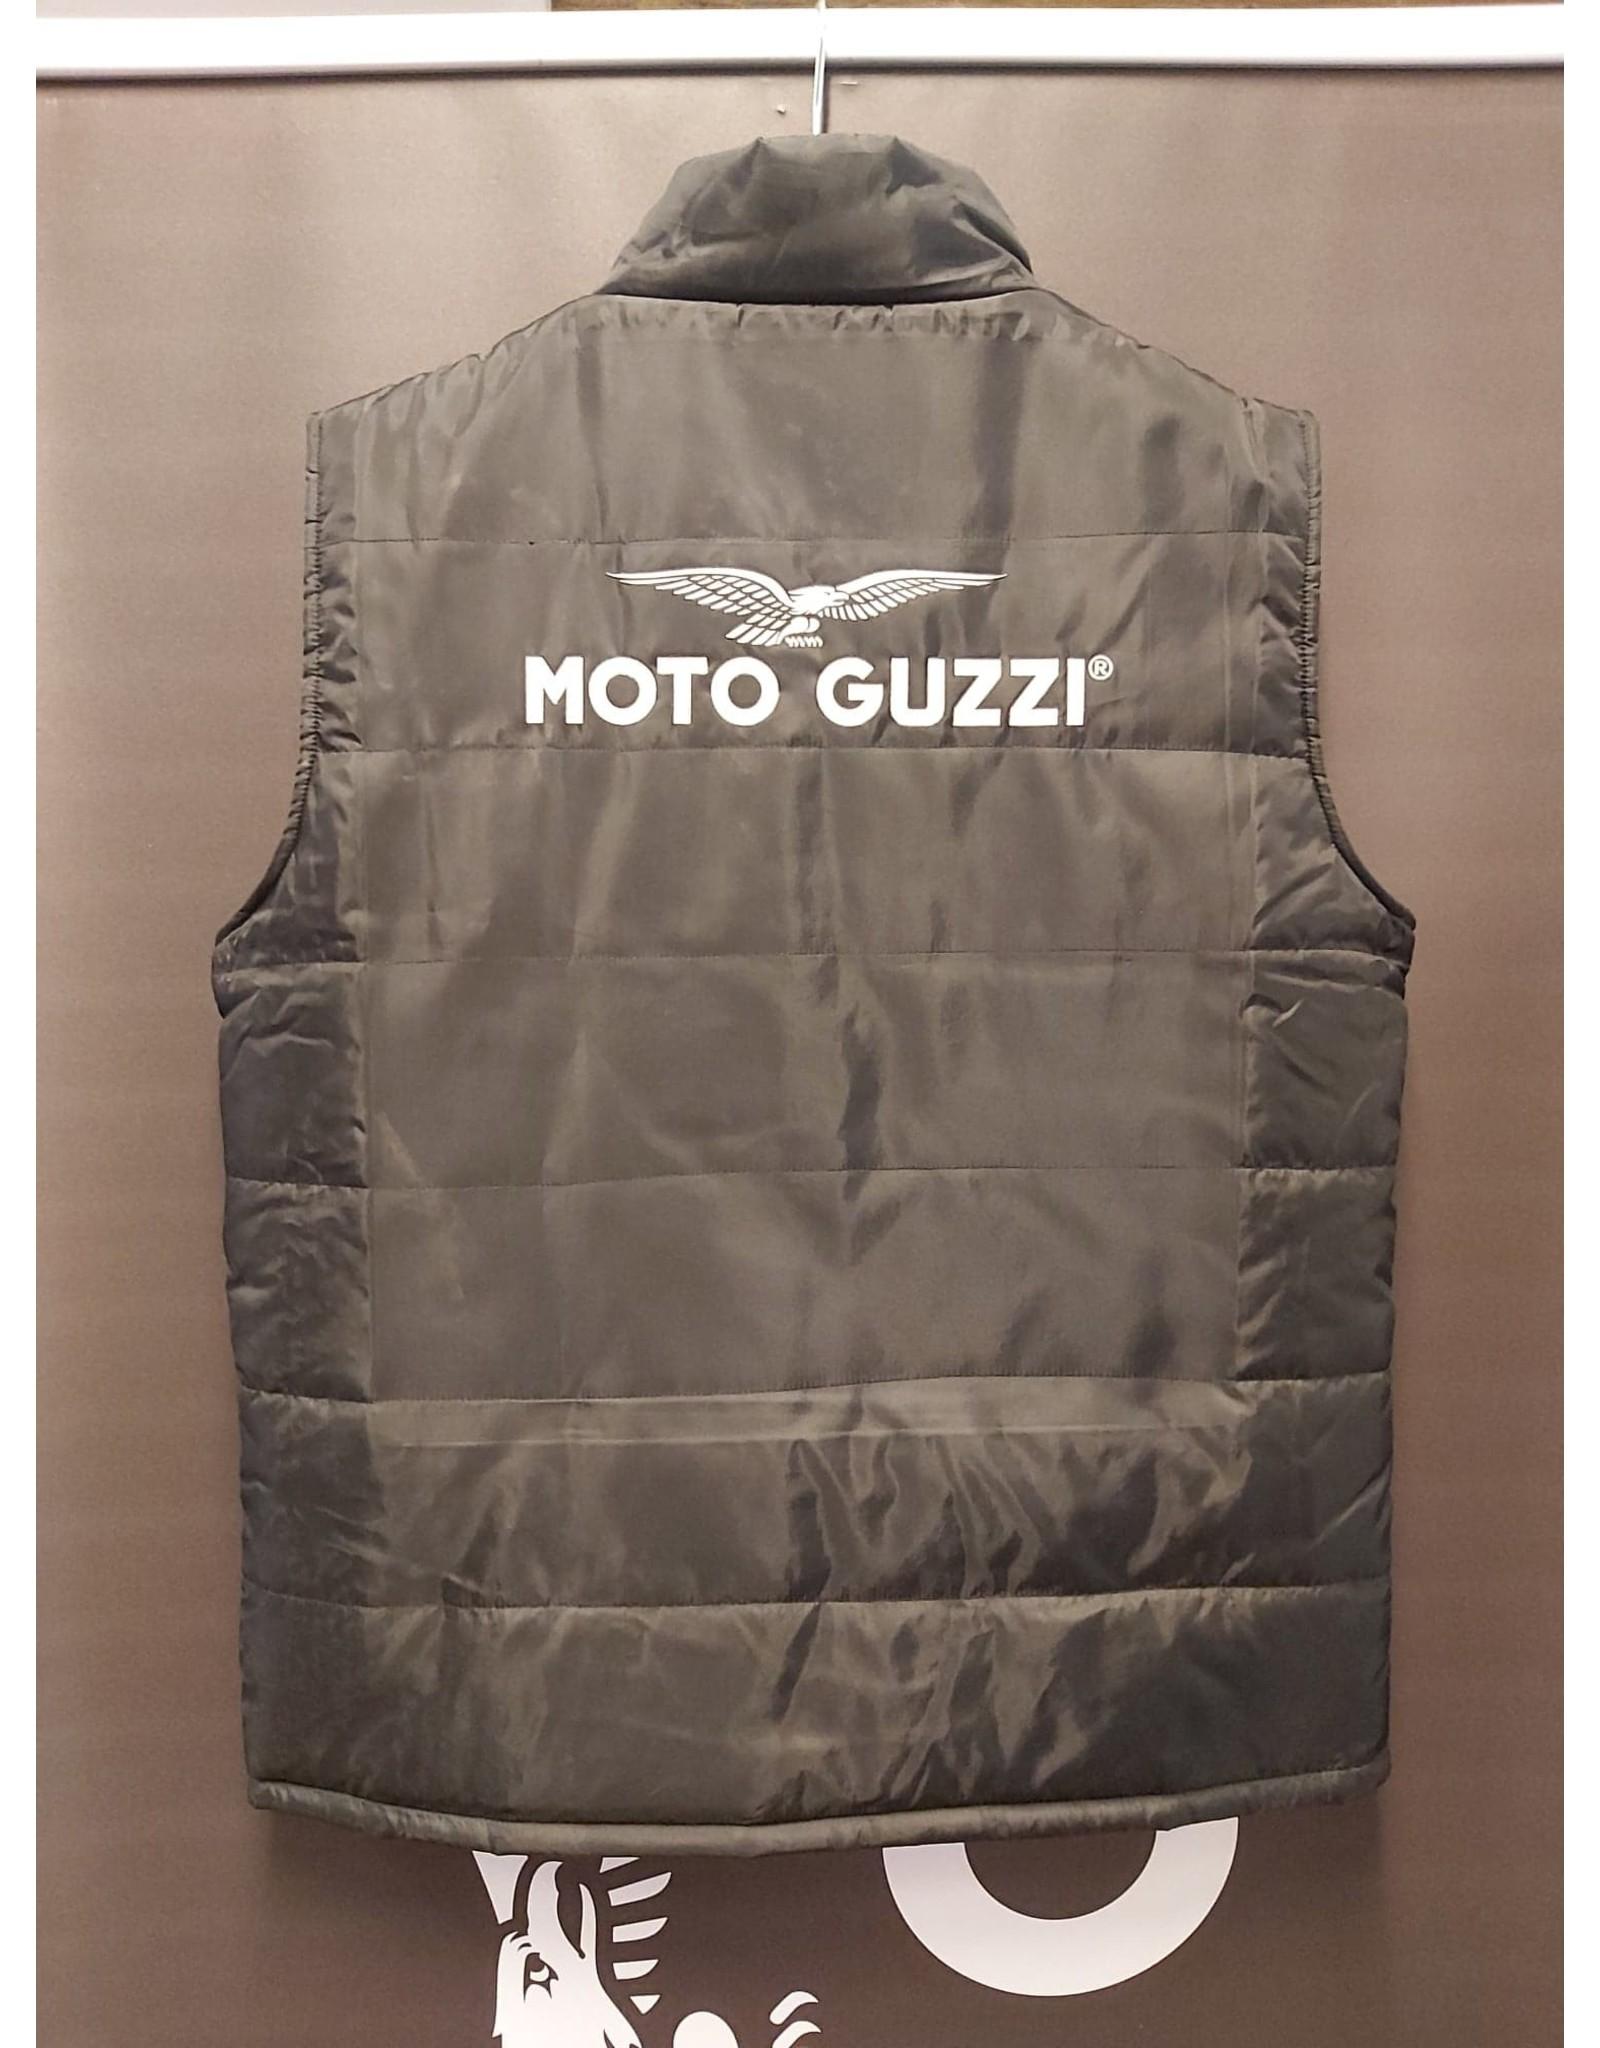 Moto Guzzi VEST MOTO GUZZI